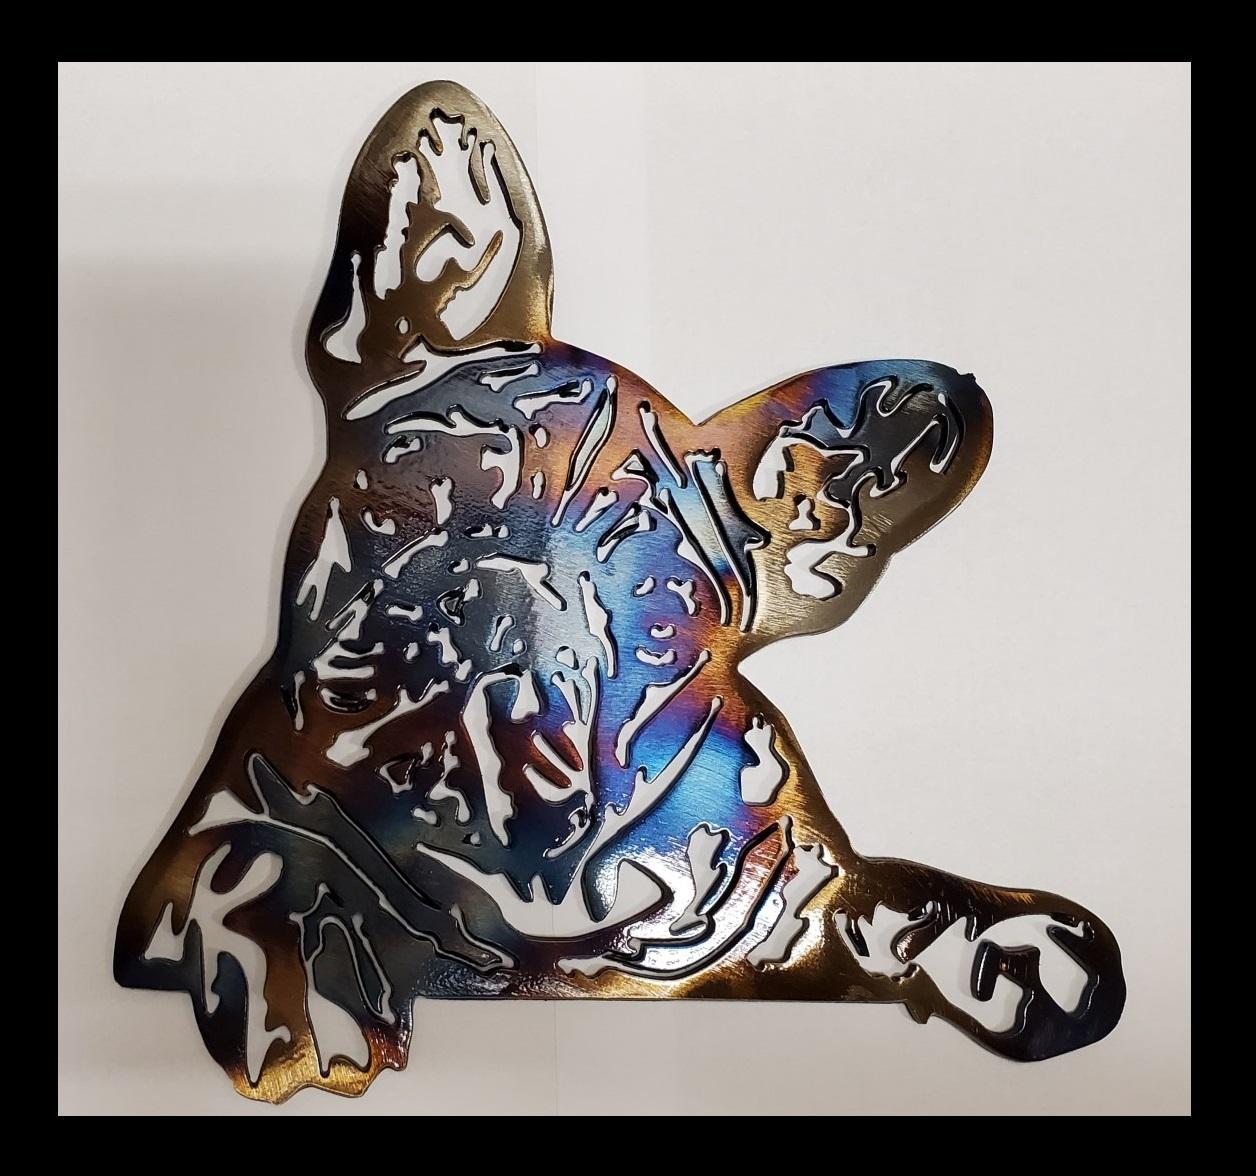 Lola Metal Art welding Friday Update ~ 08/28/20